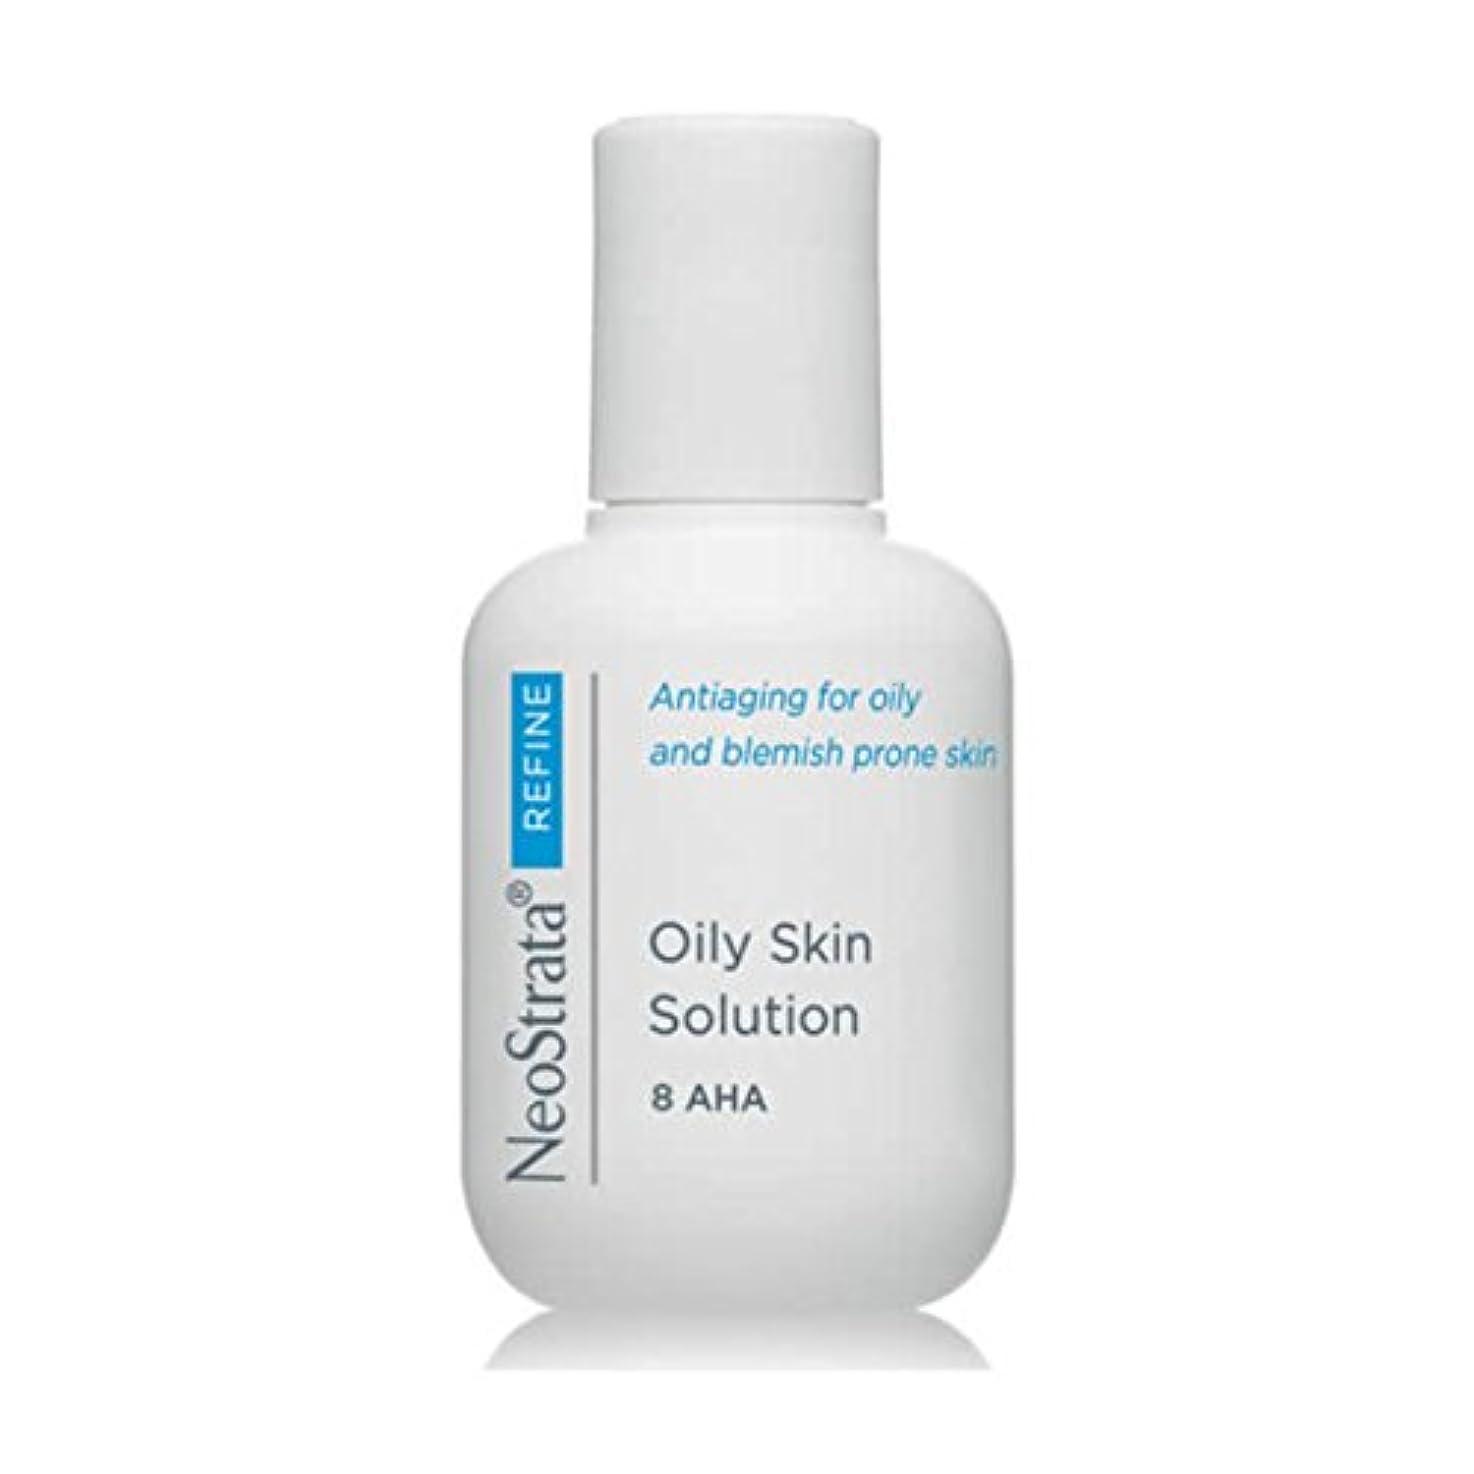 本土サンダーユーモアNeostrata Oily Skin Solution Exfoliant Tonic 100ml [並行輸入品]